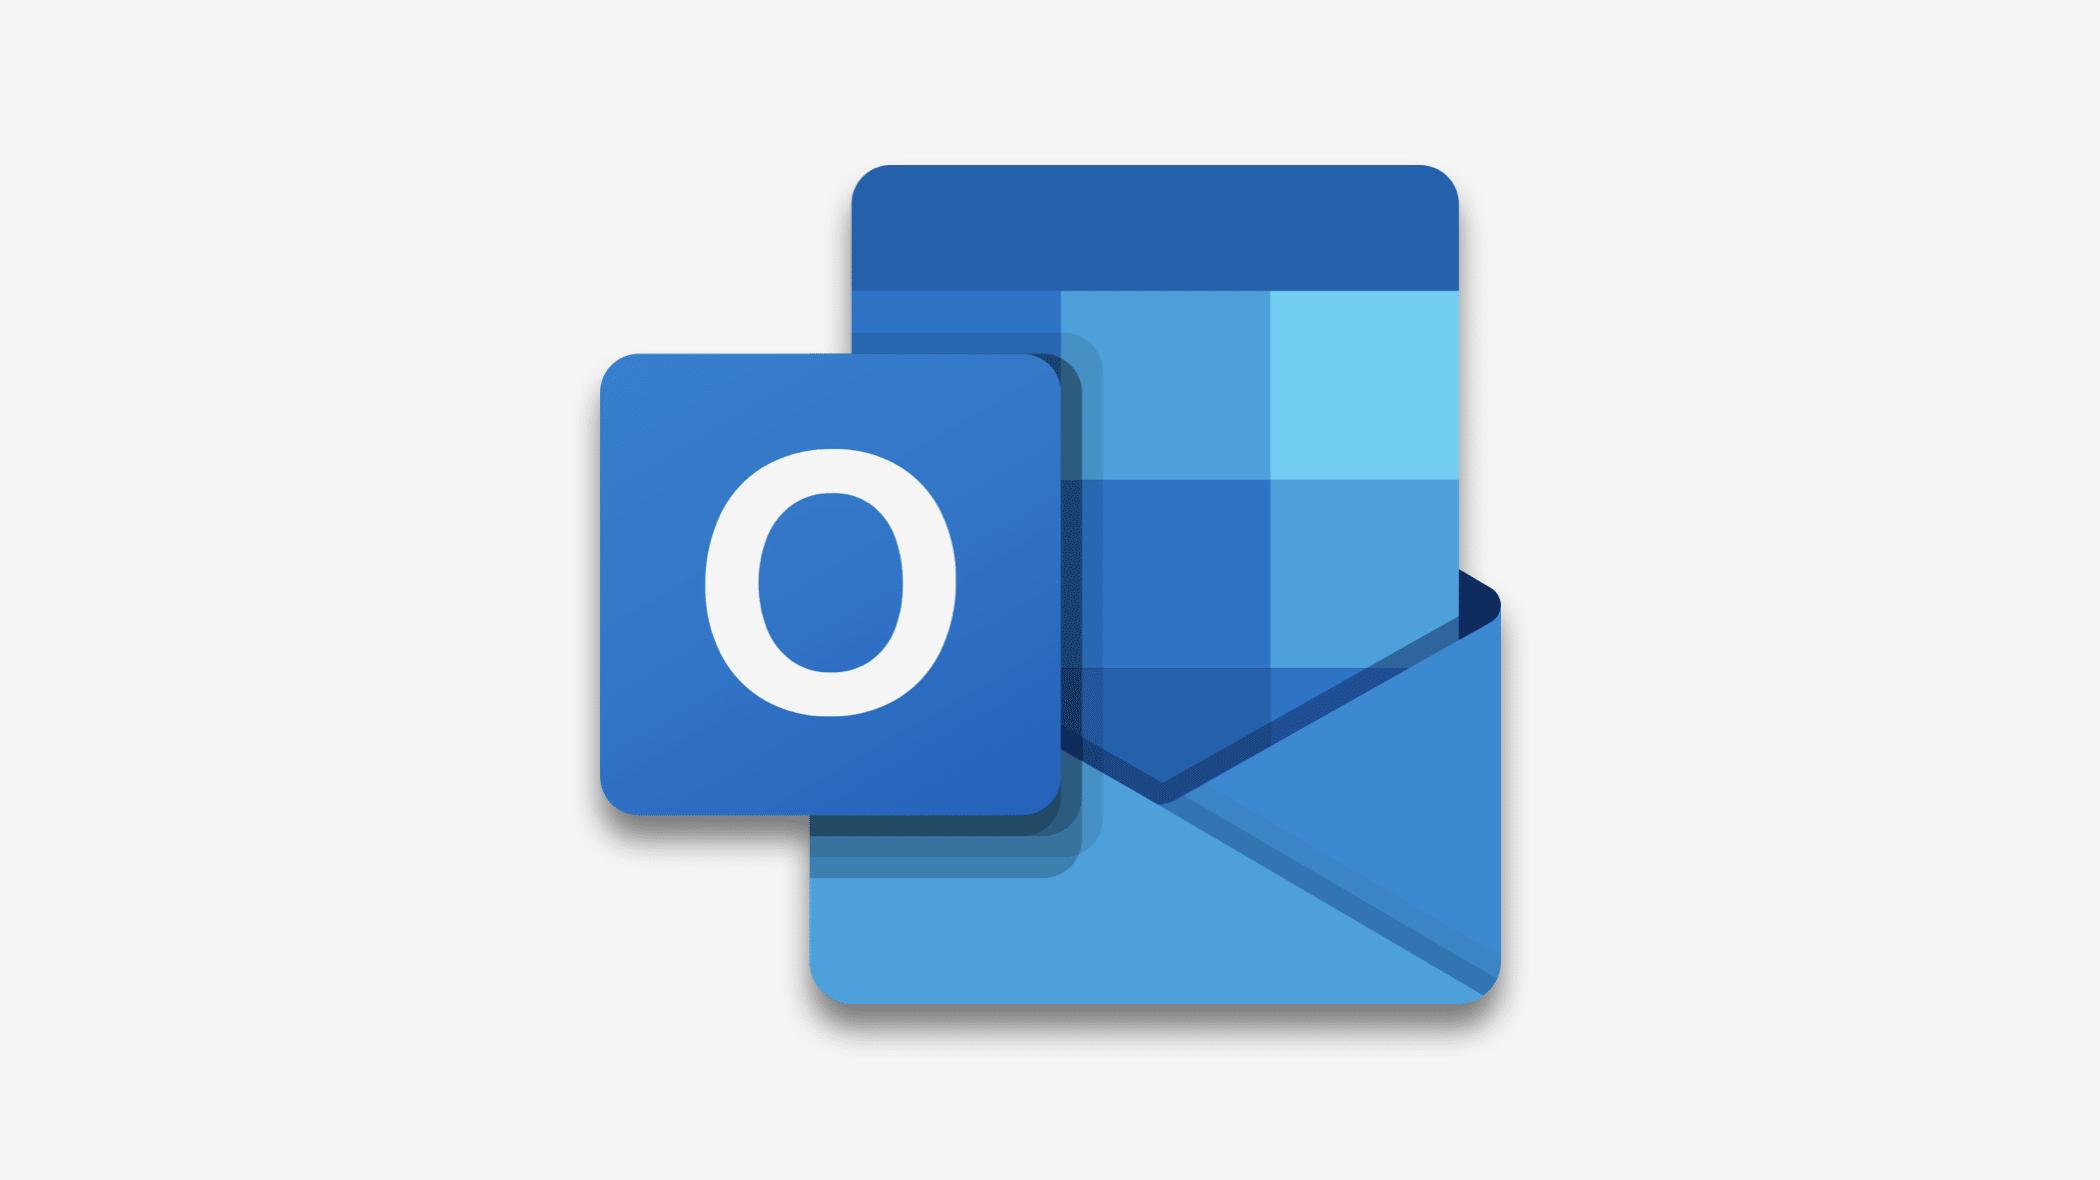 Outlook: Gelöschte E-Mails wiederherstellen